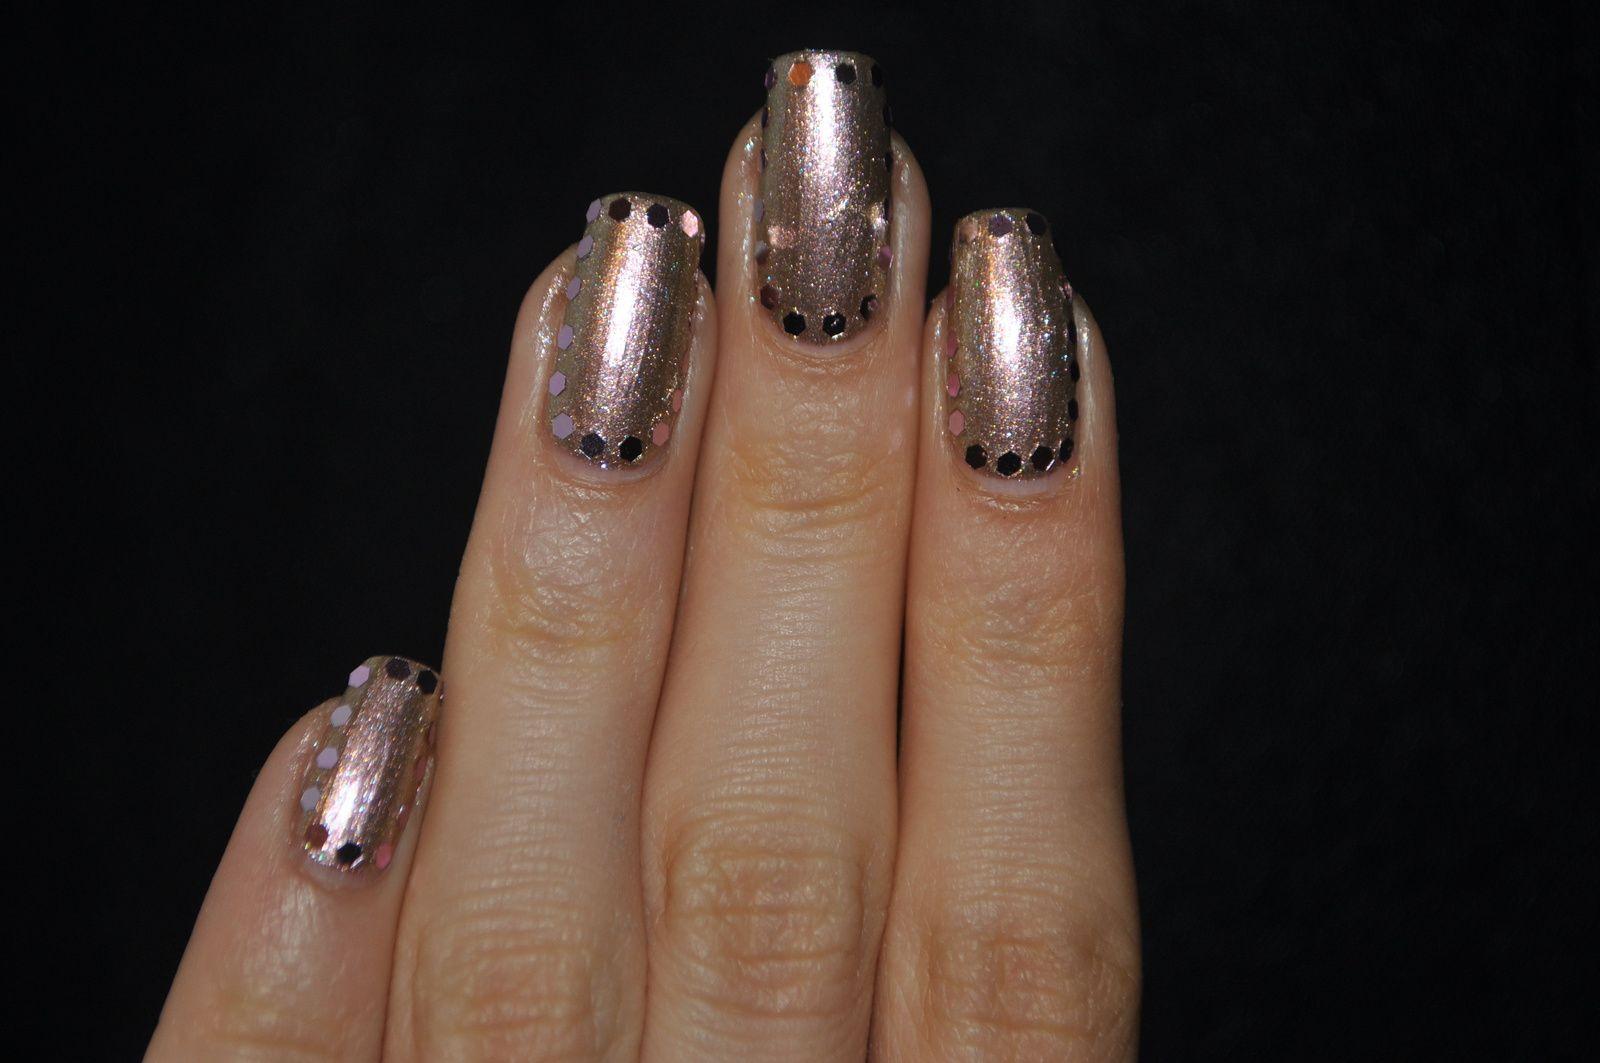 [Nailstorming] Framed nails